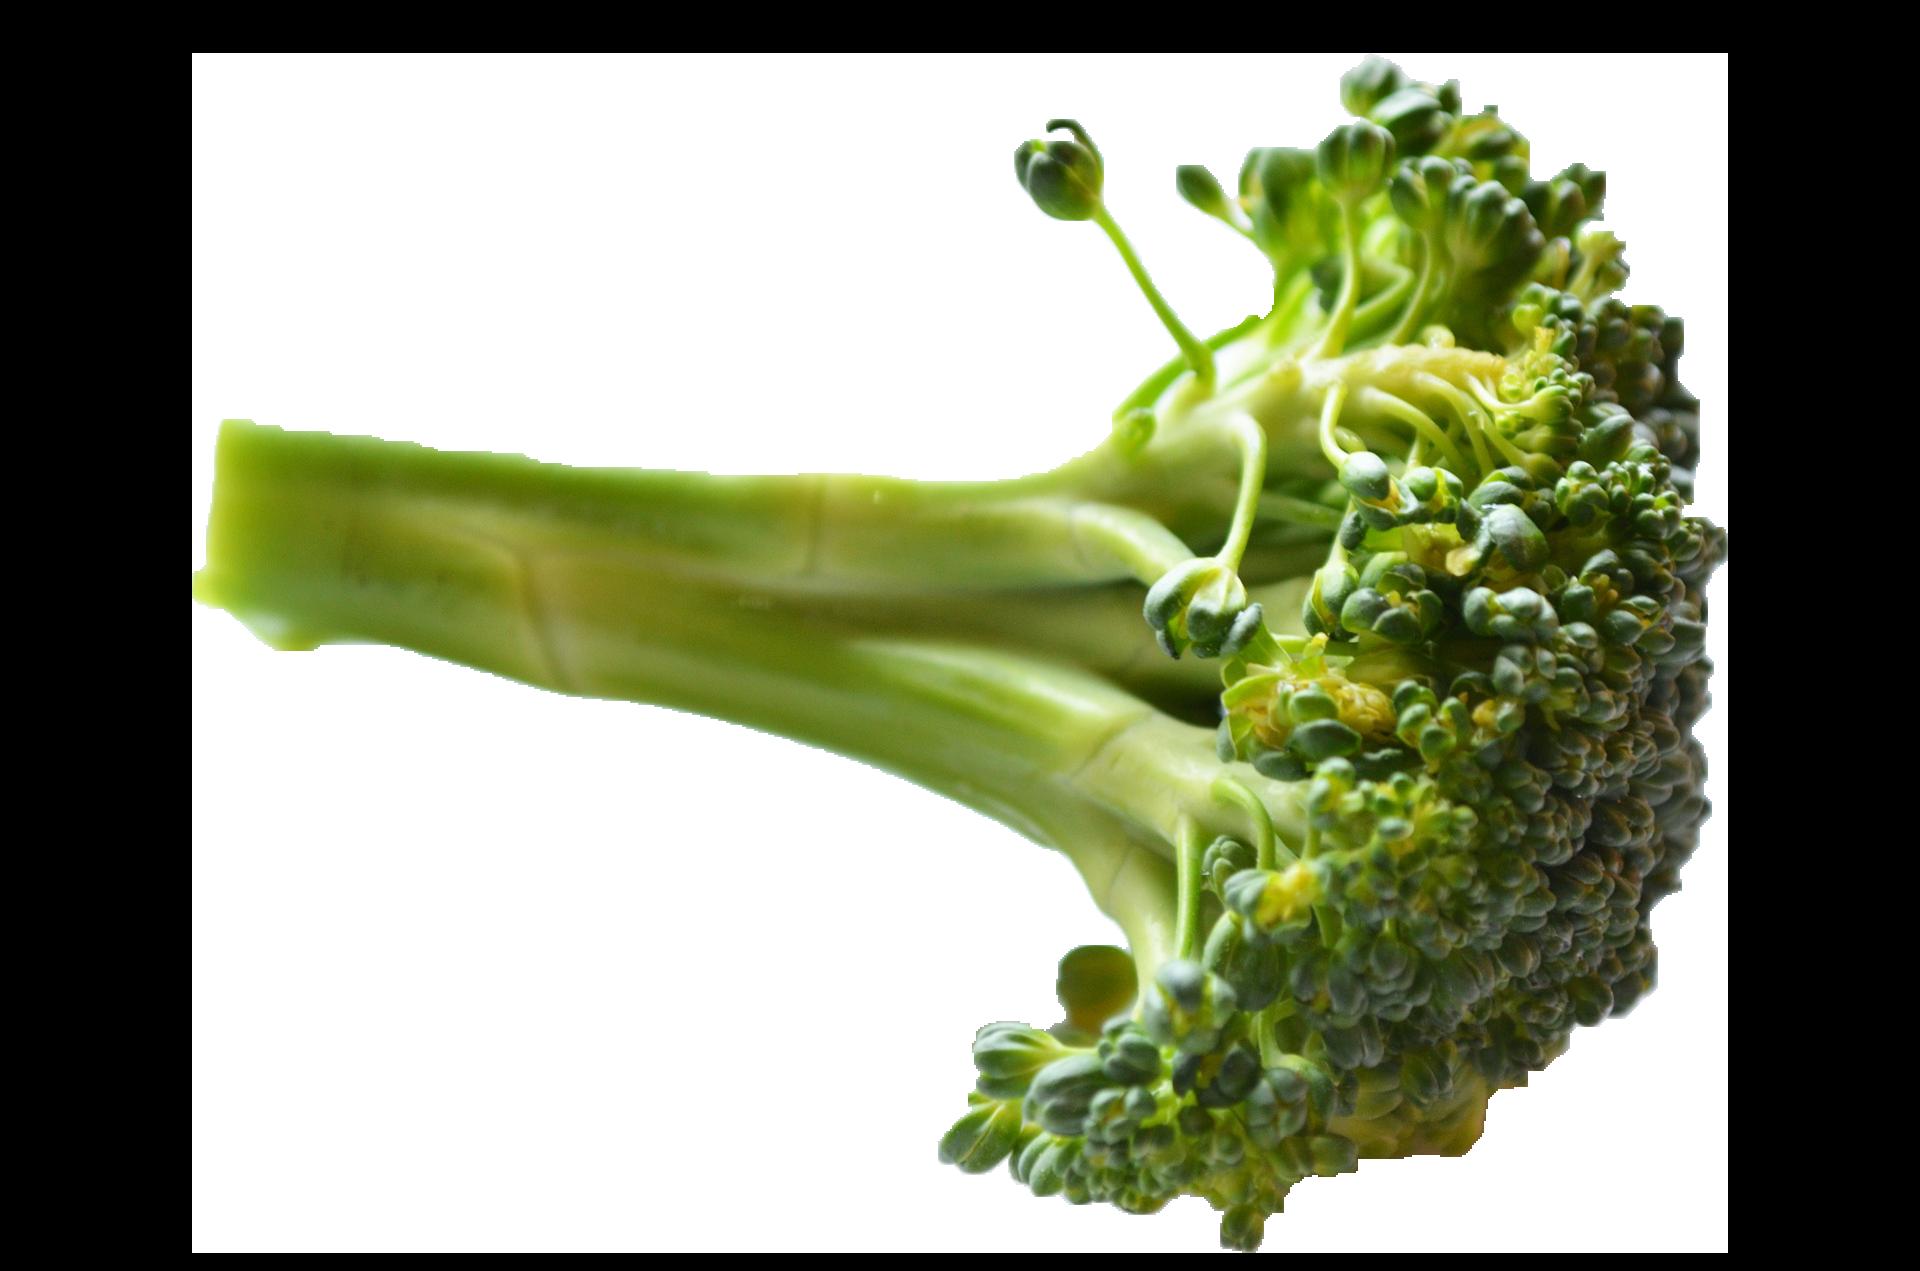 Broccoli PNG Image HD SVG Clip arts